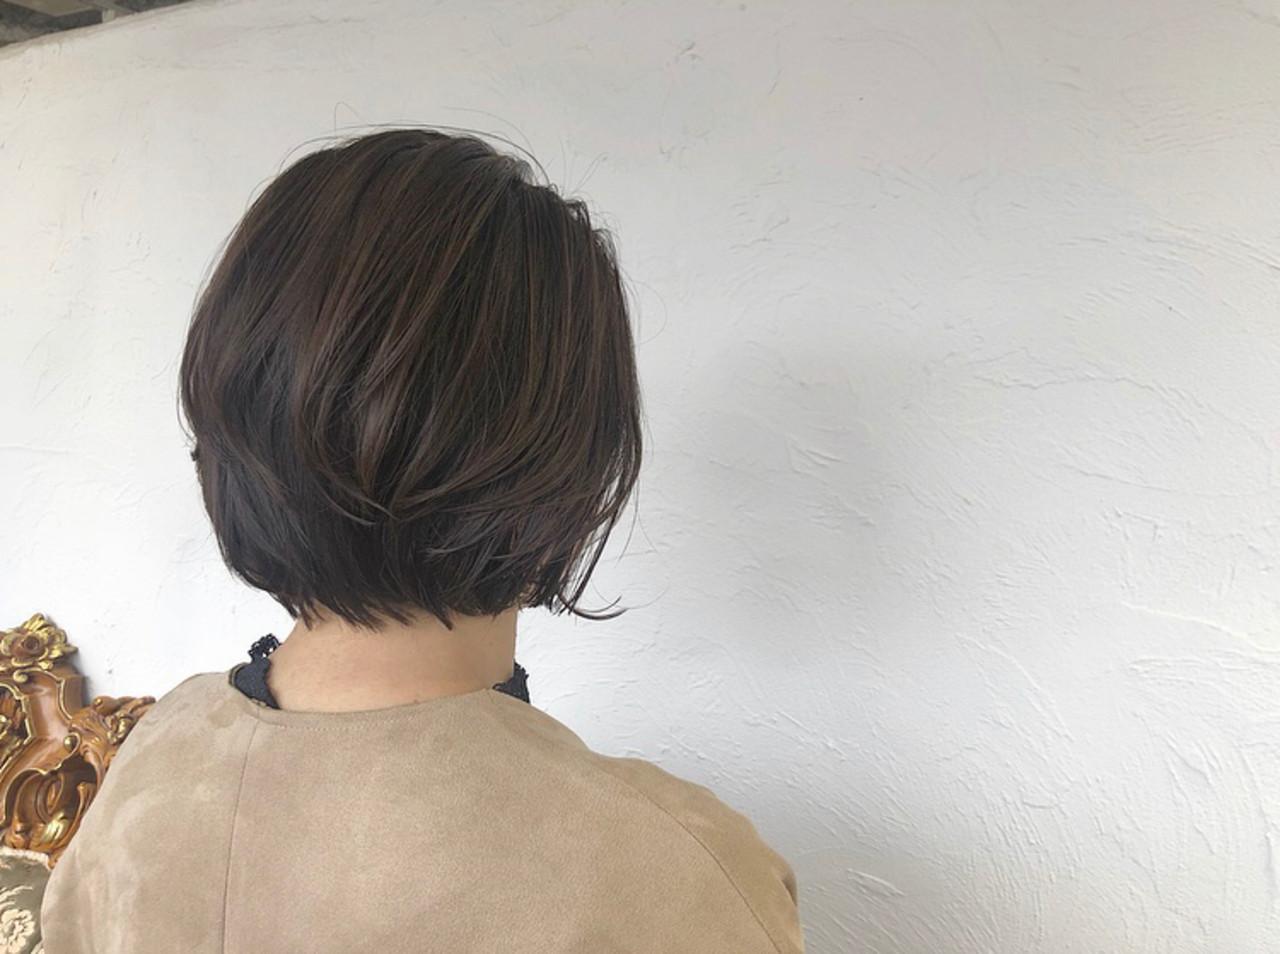 オフィス ウェットヘア ナチュラル ショート ヘアスタイルや髪型の写真・画像